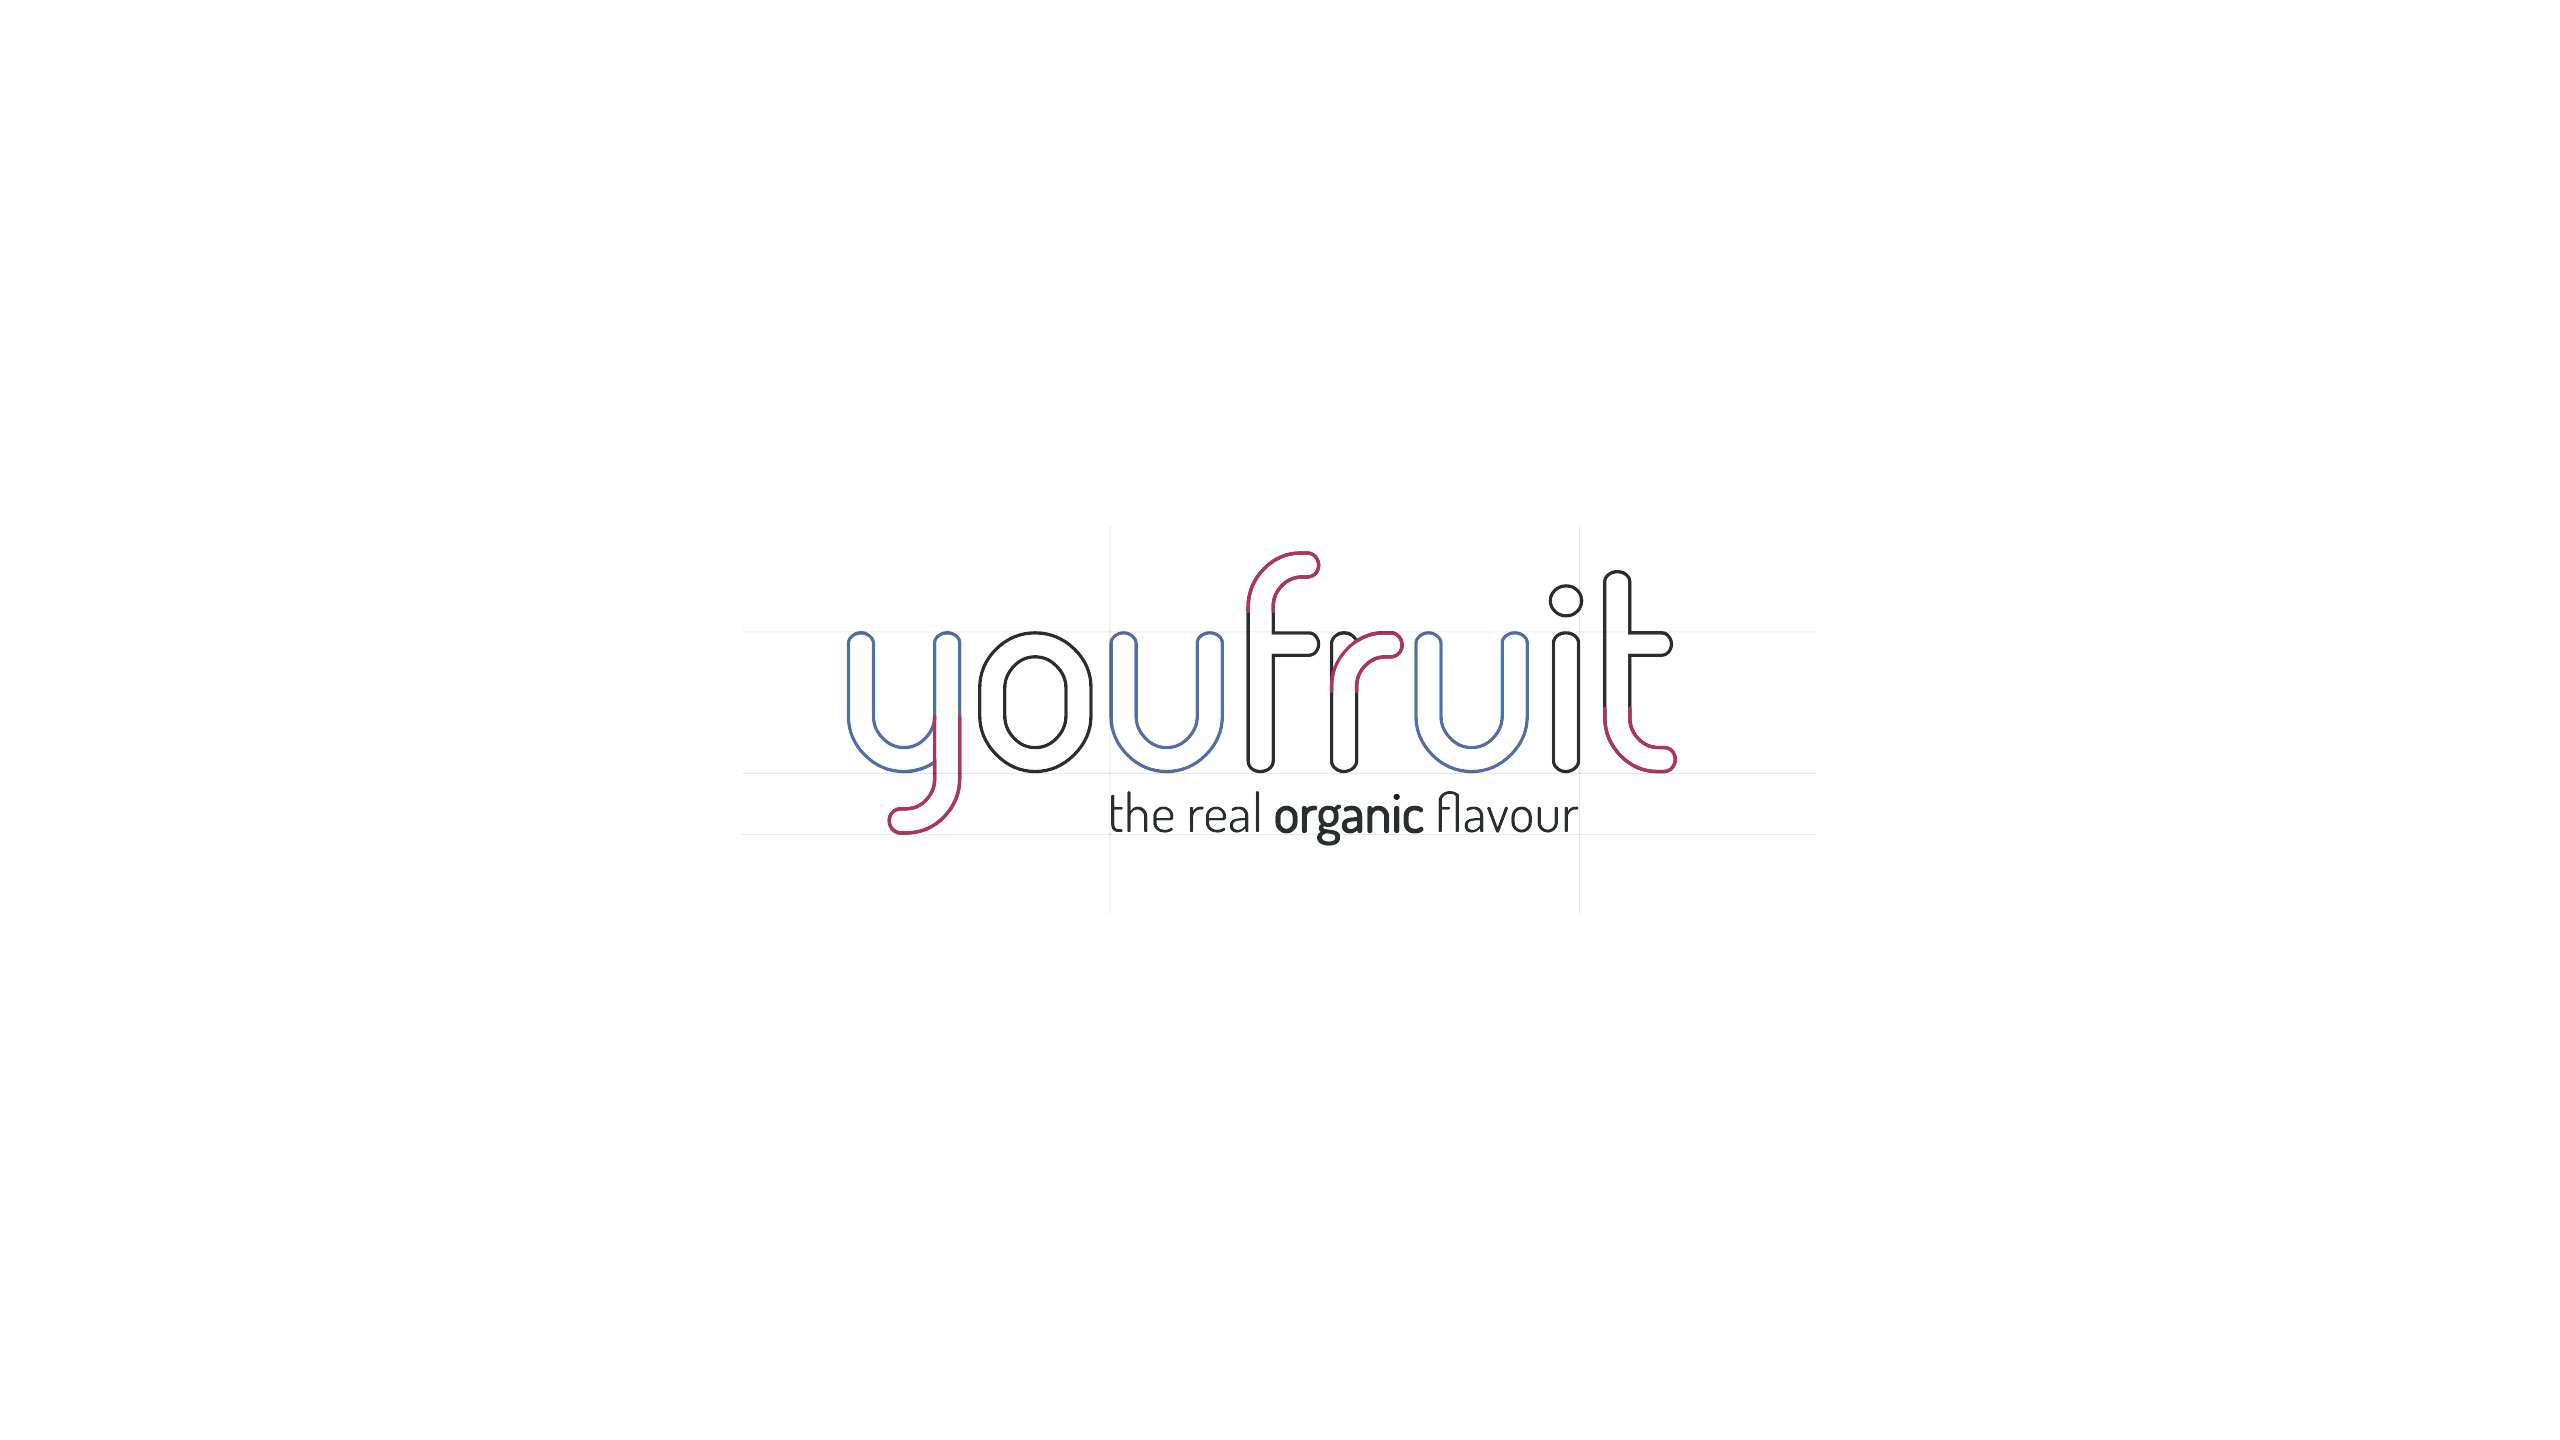 YOUFRUIT